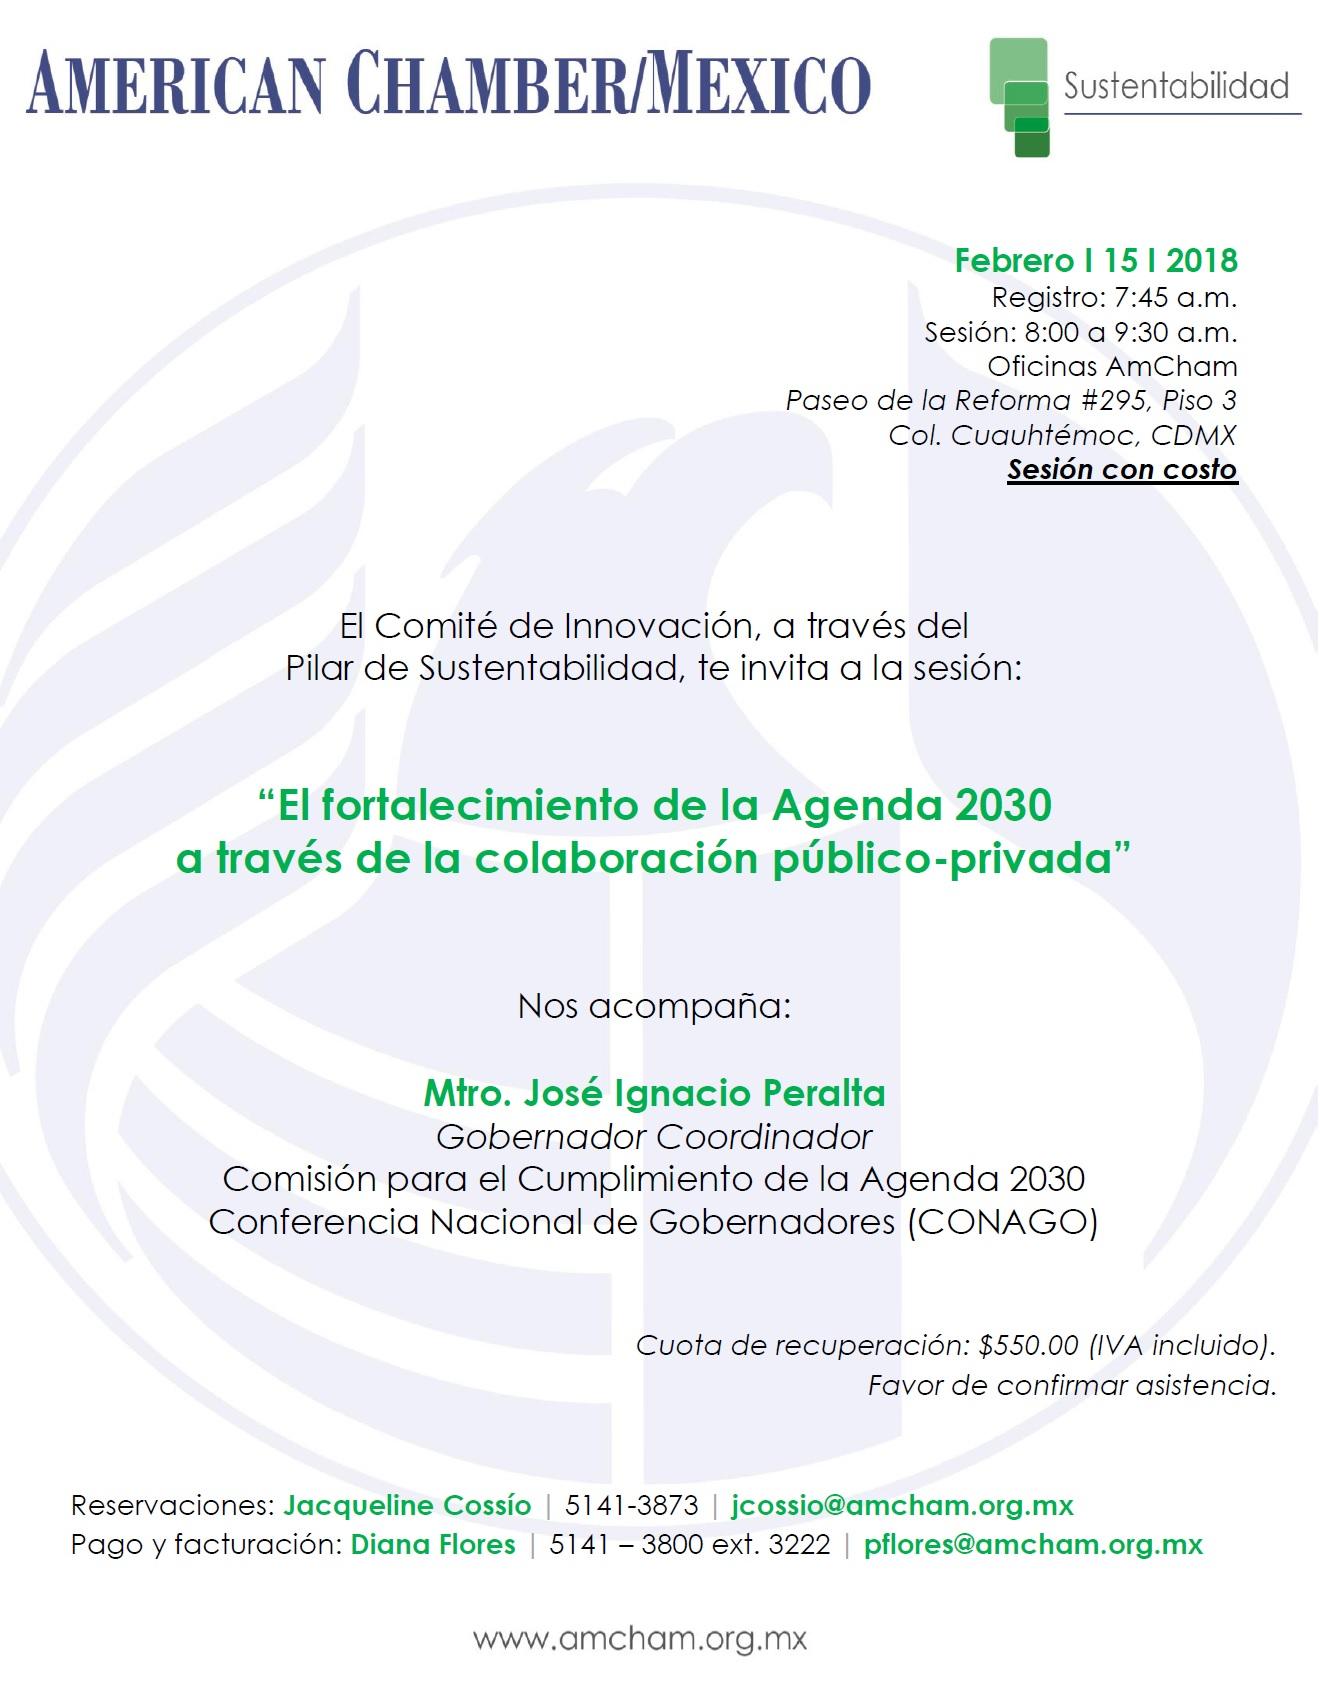 CANCELADO  |  Pilar de Sustentabilidad:Agenda 2030 - 15 de febrero